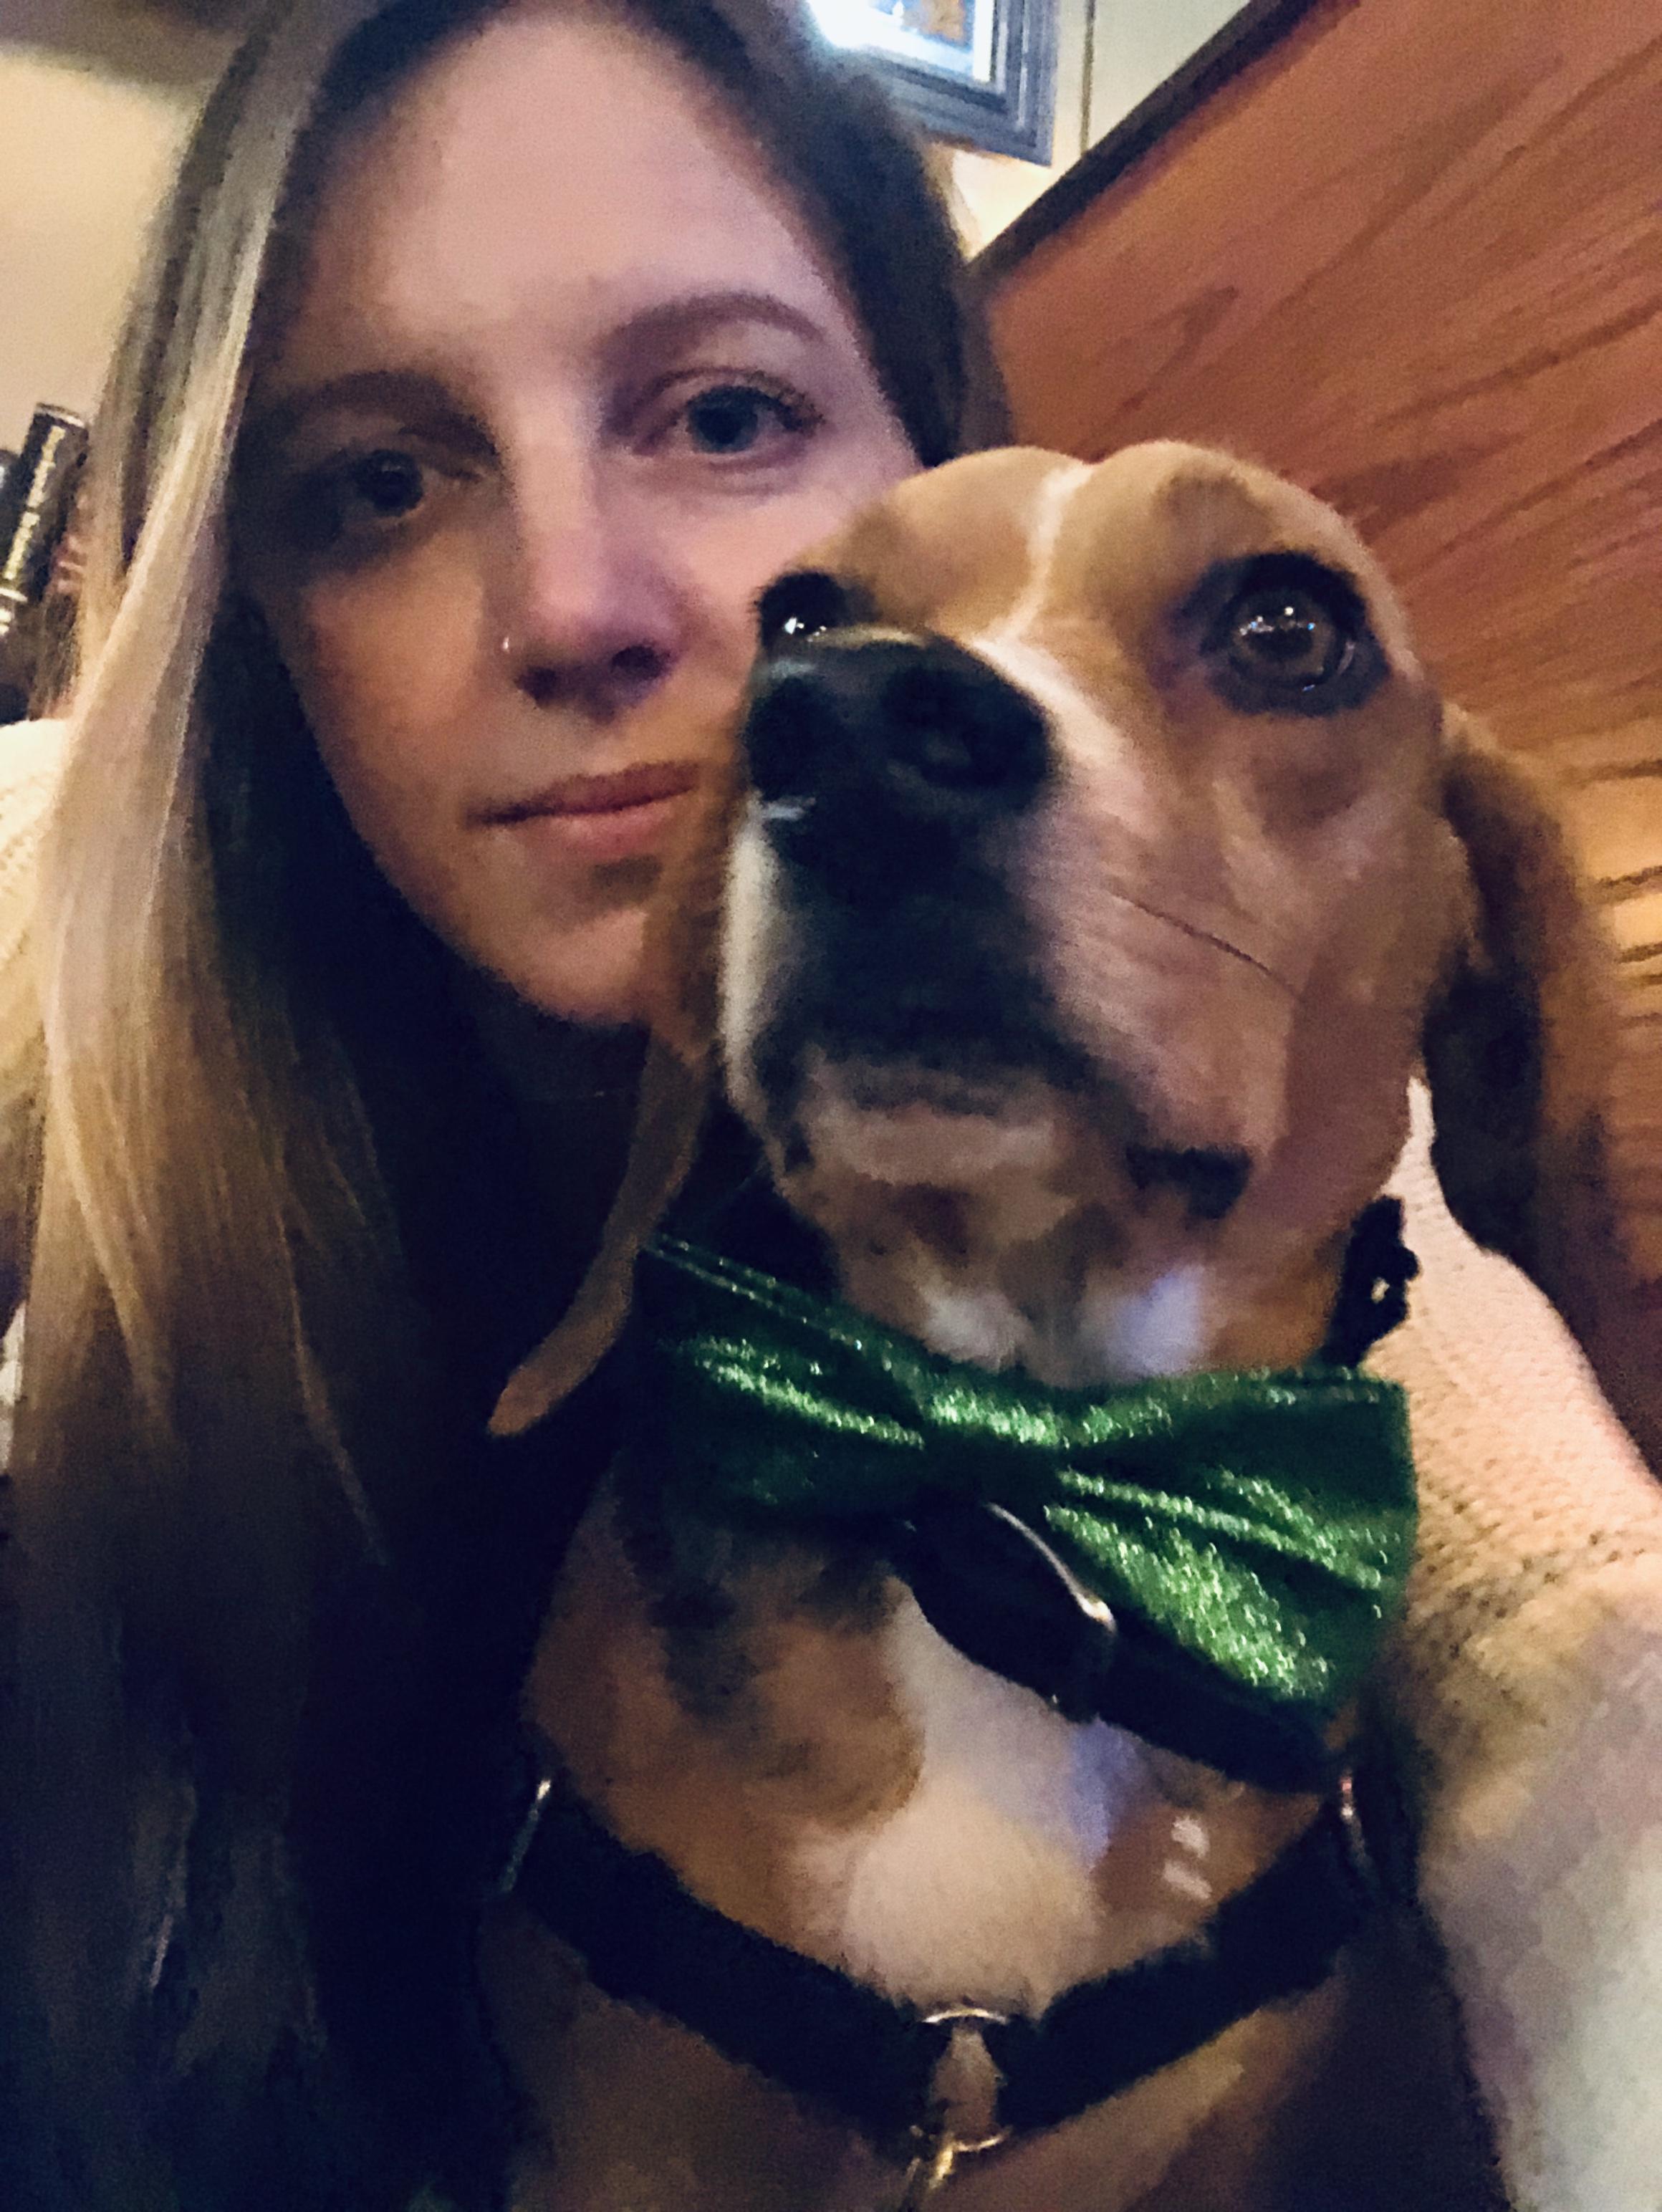 Her beagle, Copper